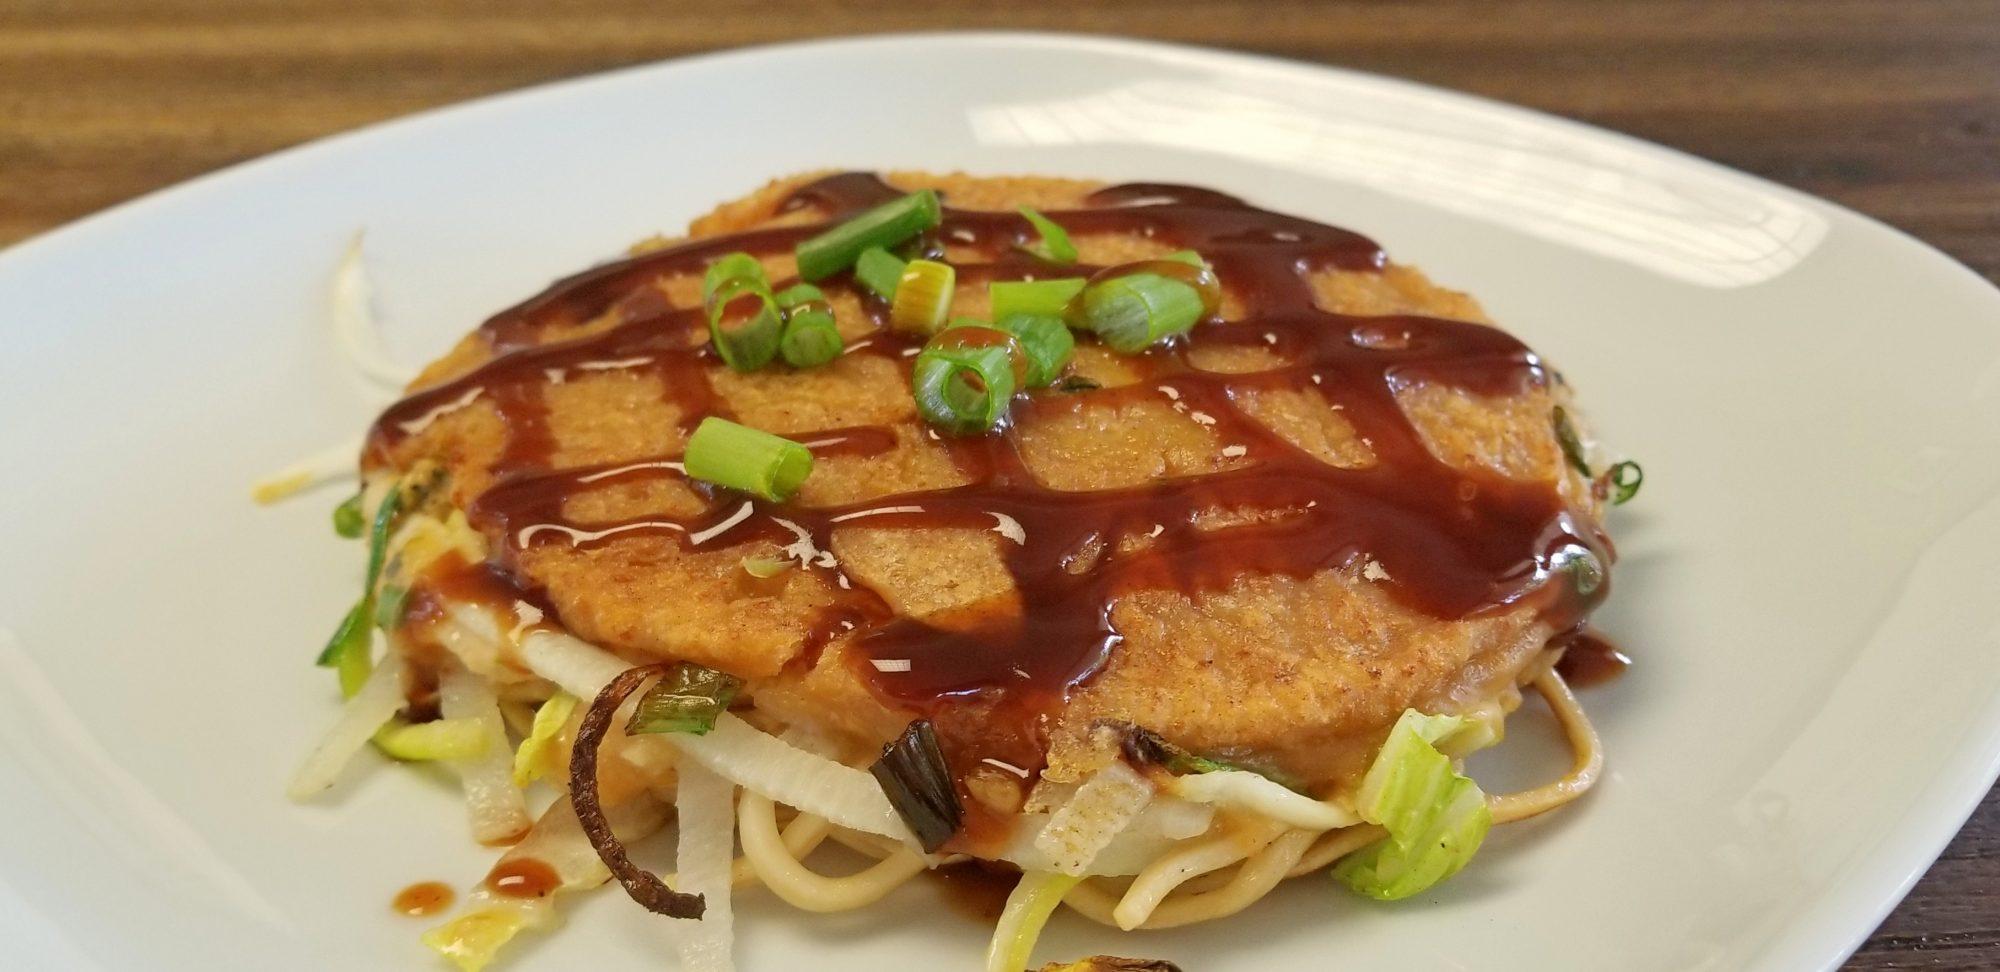 Finished Hiroshima style vegan okonomiyaki 広島風お好み焼き